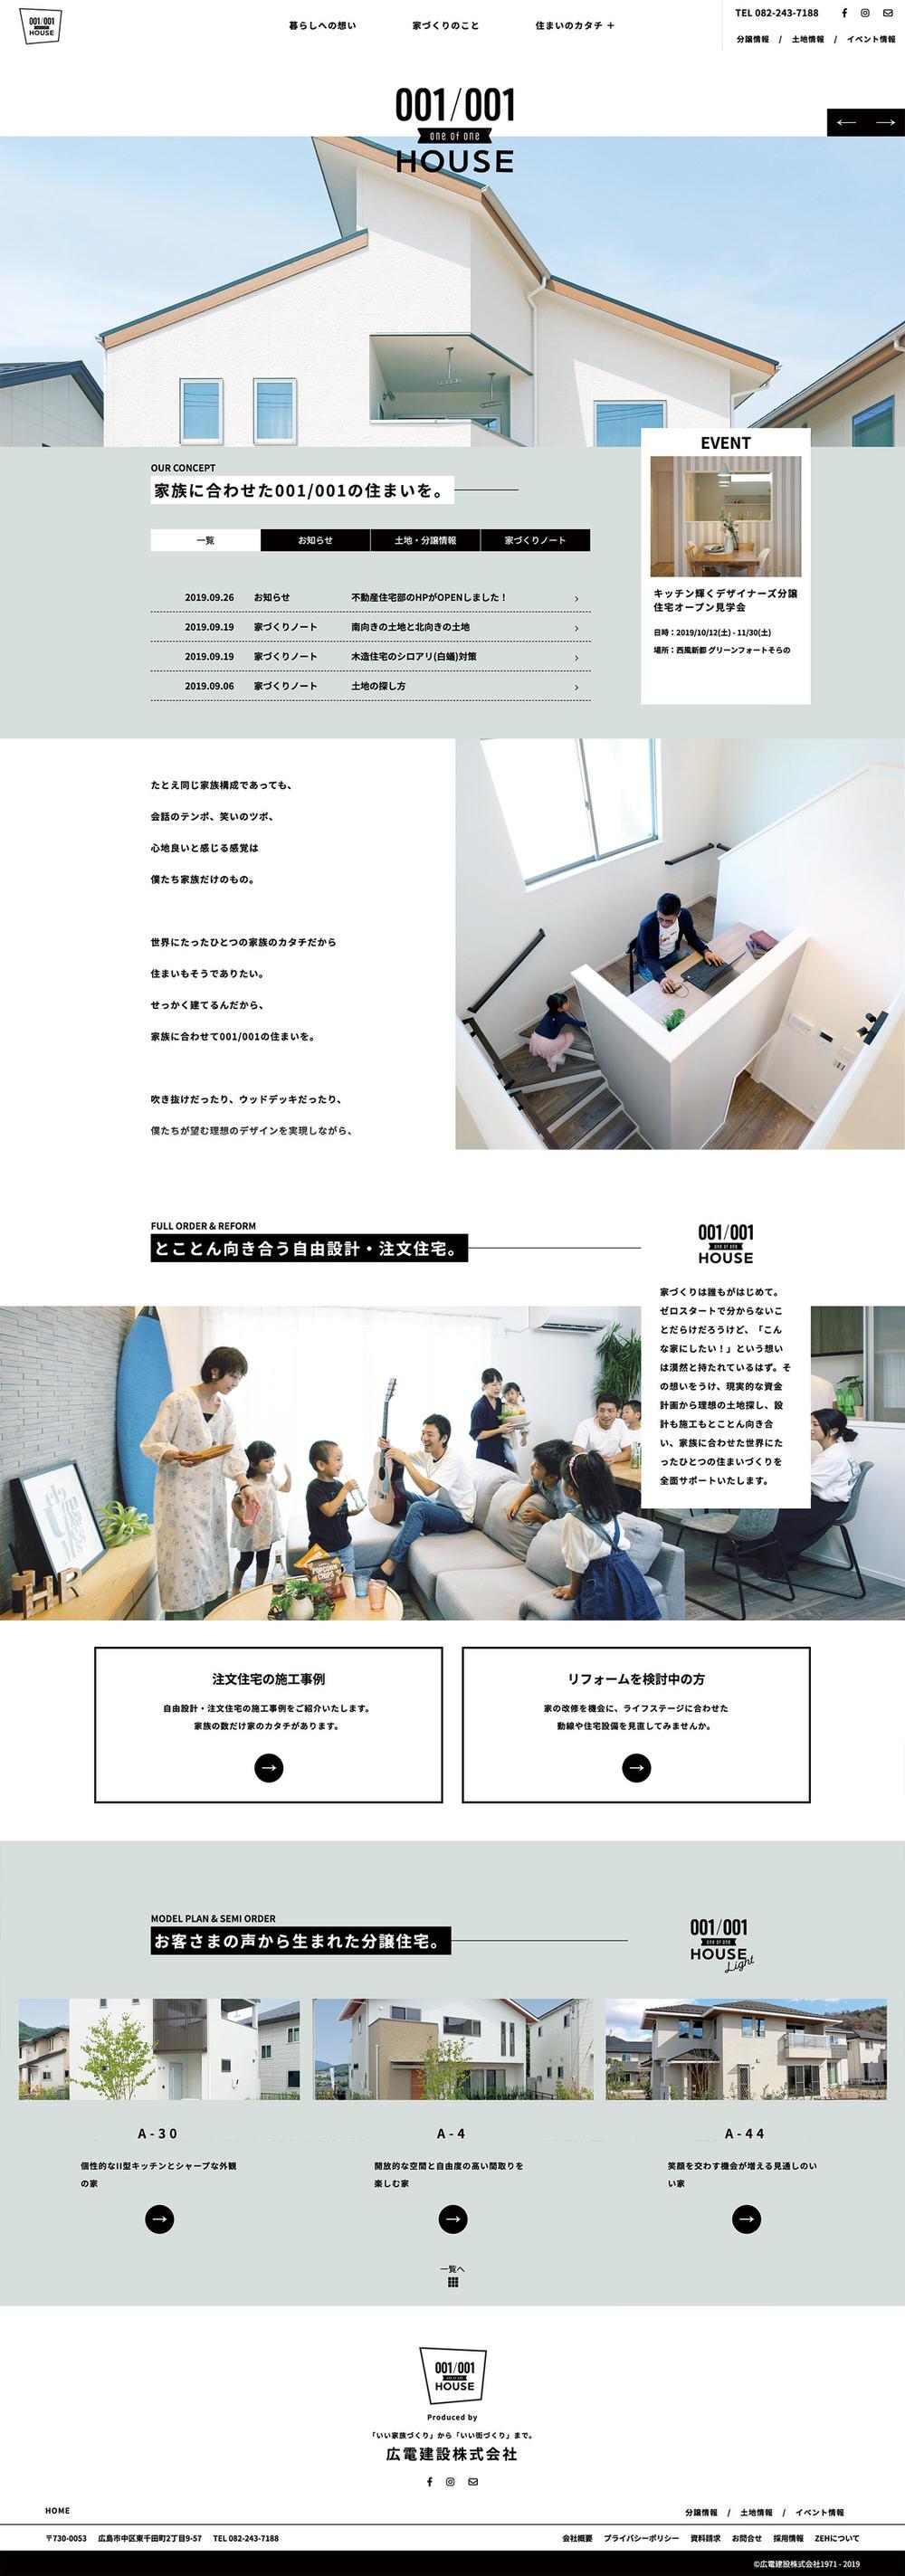 広電建設 不動産住宅部(001/001 HOUSE)WEBサイトTOPデザイン